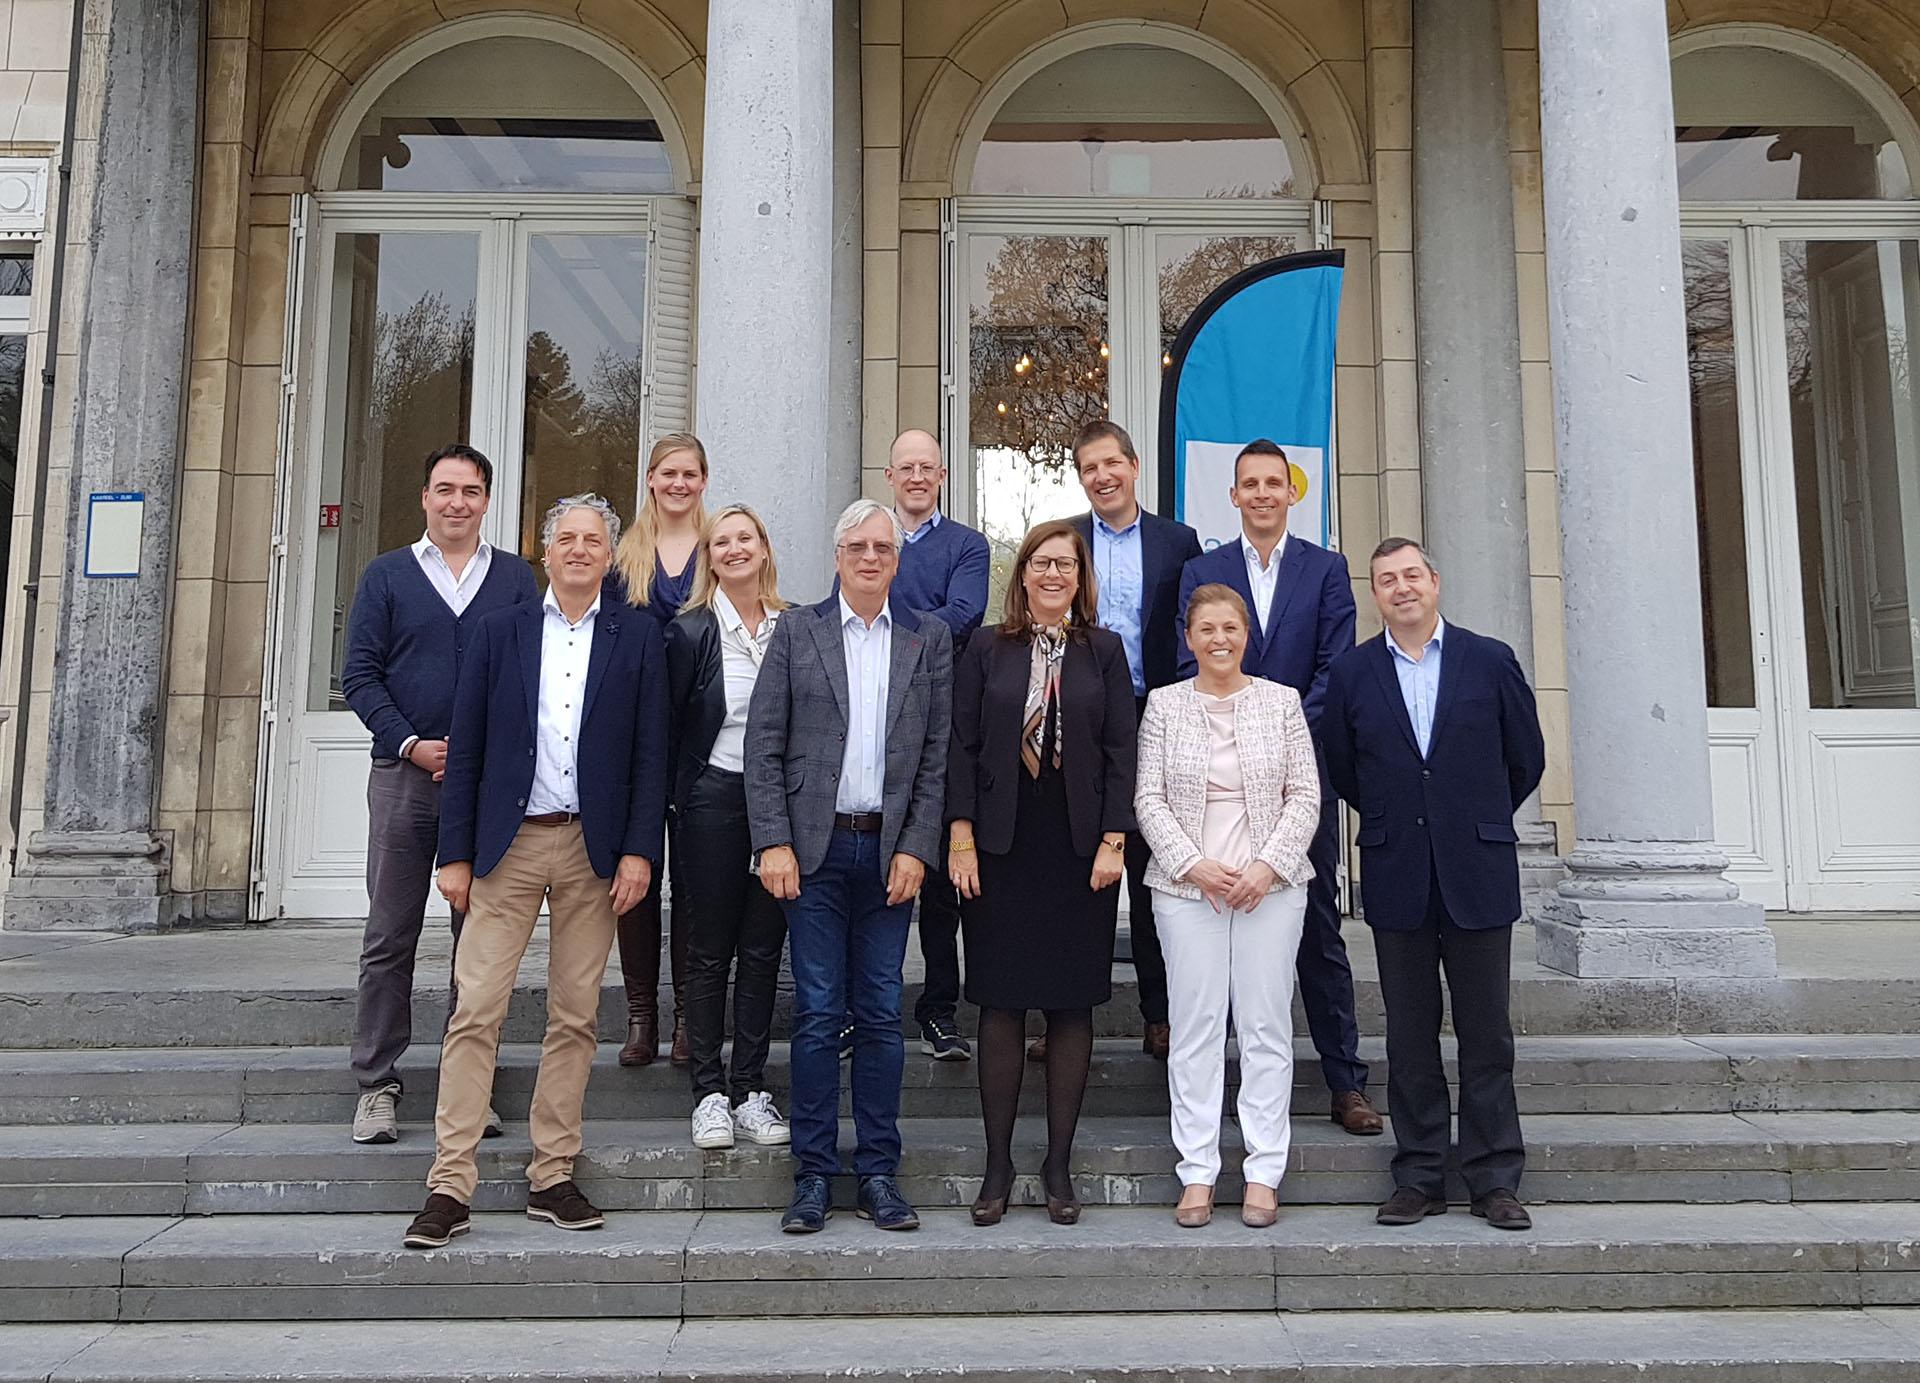 Illeslex participa en una conferencia organizada por Azull Inmobiliaria en Amberes